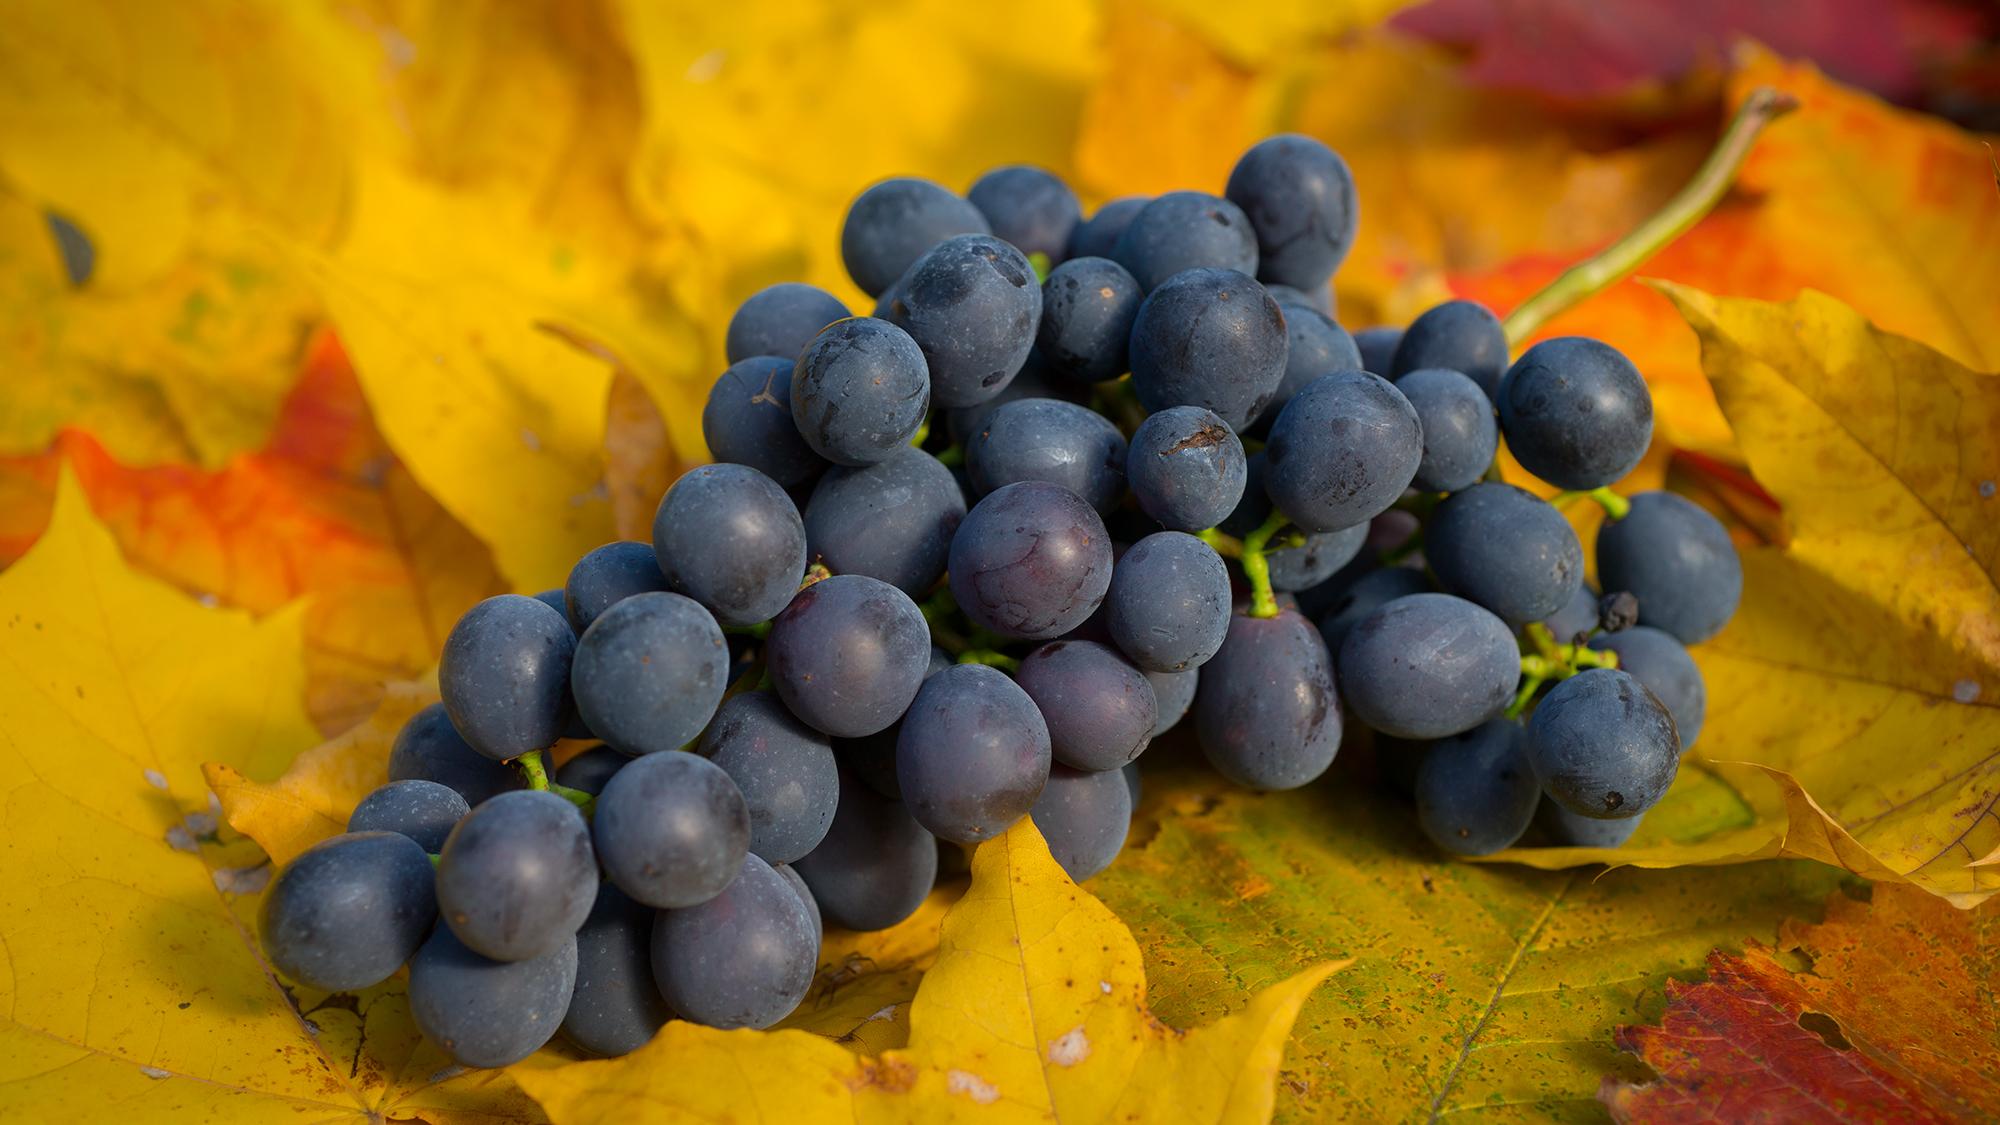 Донской Агат – драгоценный сорт винограда: родословная, характеристики и сравнение с другими сортами